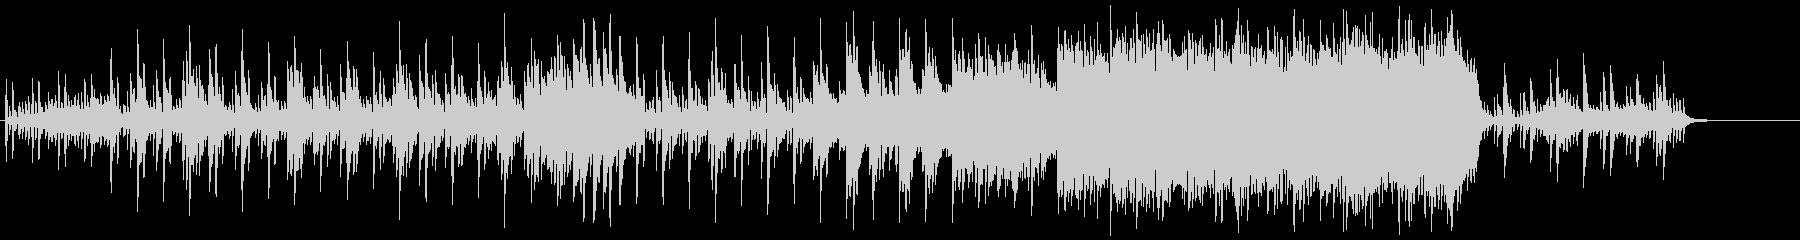 ピアノ主体の和風ホラー、伝奇系 2の未再生の波形